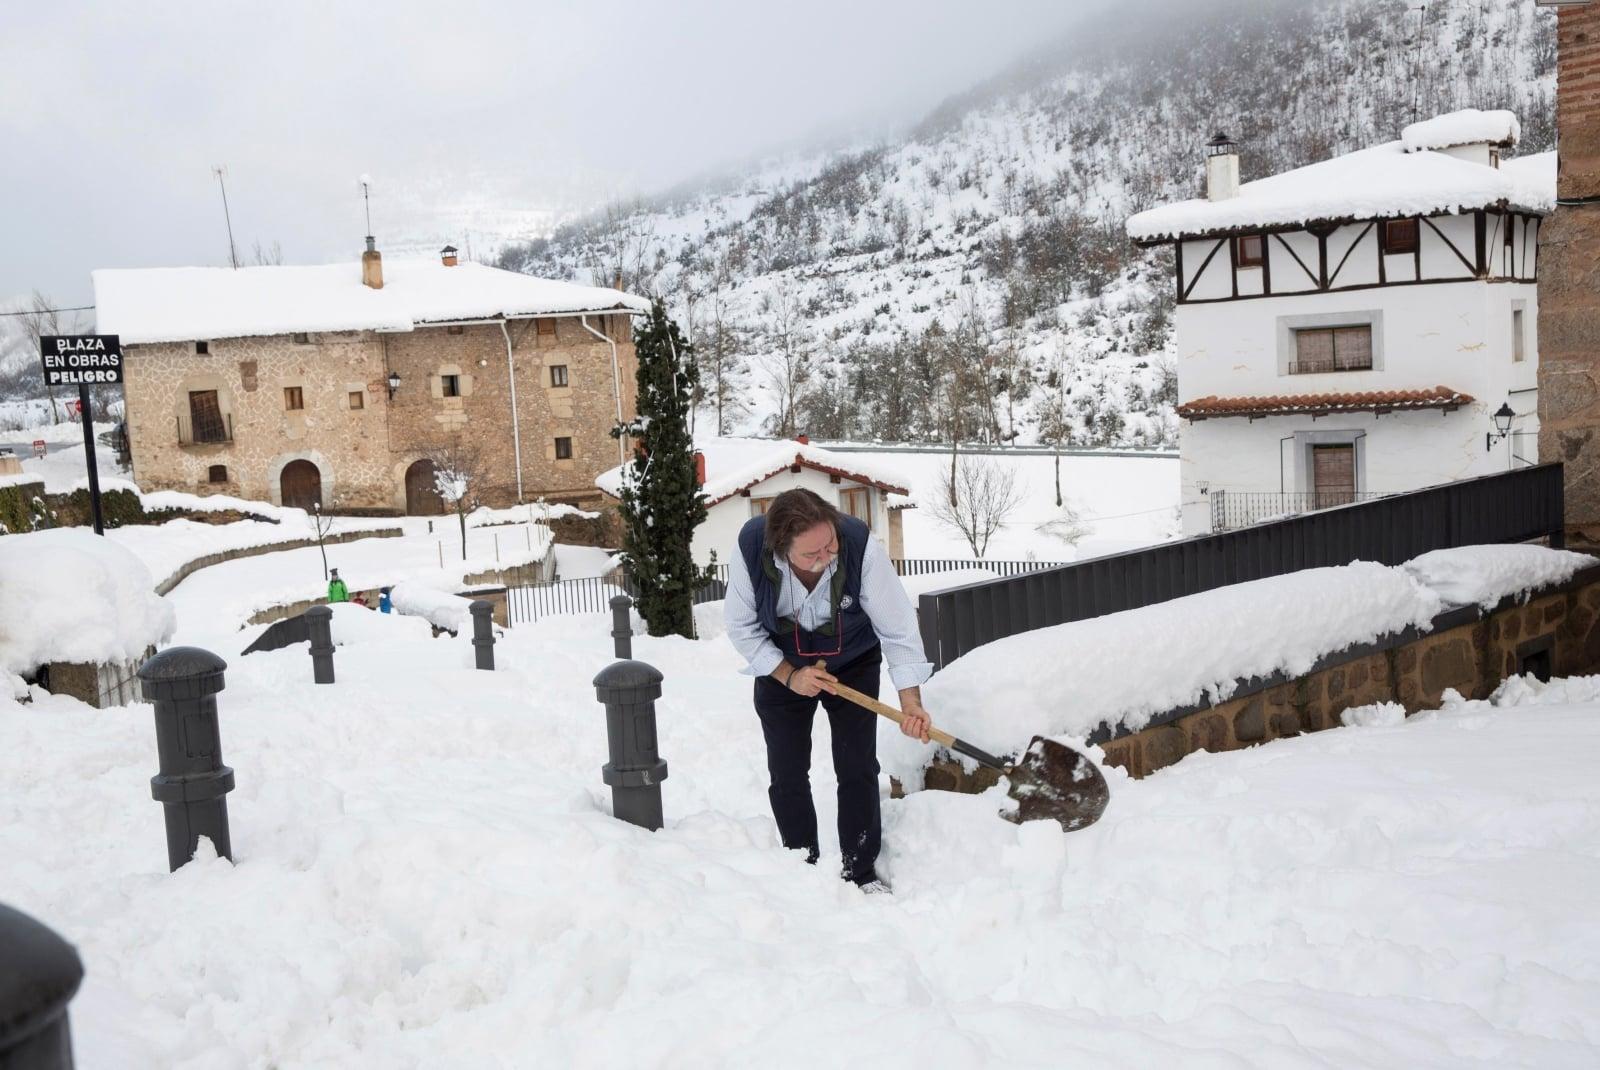 Atak zimy w Hiszpanii EPA/Raquel Manzanares